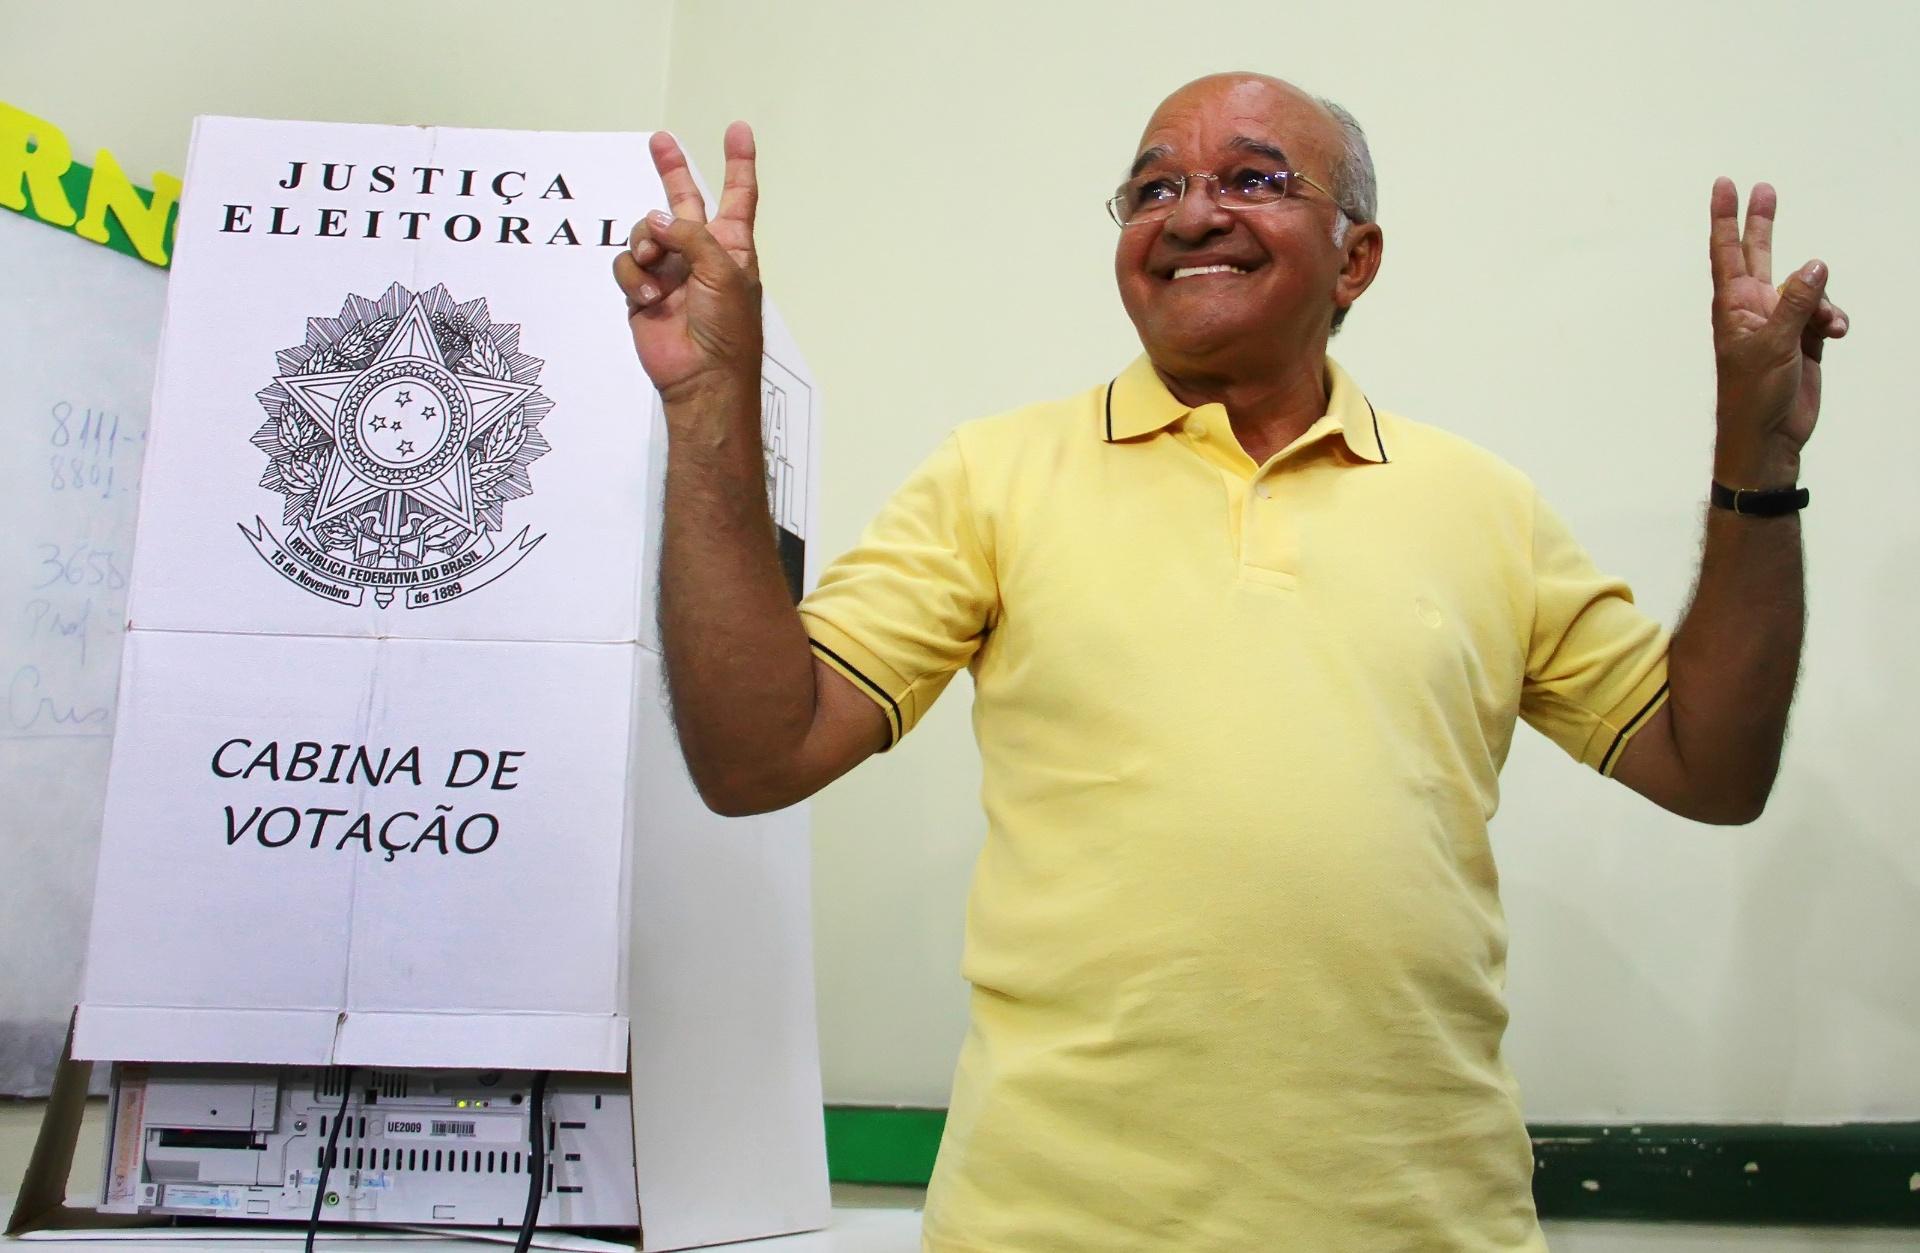 5.out.2014 - O governador e candidato a reeleição, José Melo (PROS) vota no colégio Ângelo Ramazotti, em Manaus (AM), neste domingo (5). O governador estava acompanhado do vice, Henrique Oliveira (PR), e de Omar Aziz (PSD), candidato ao Senado pela coligação